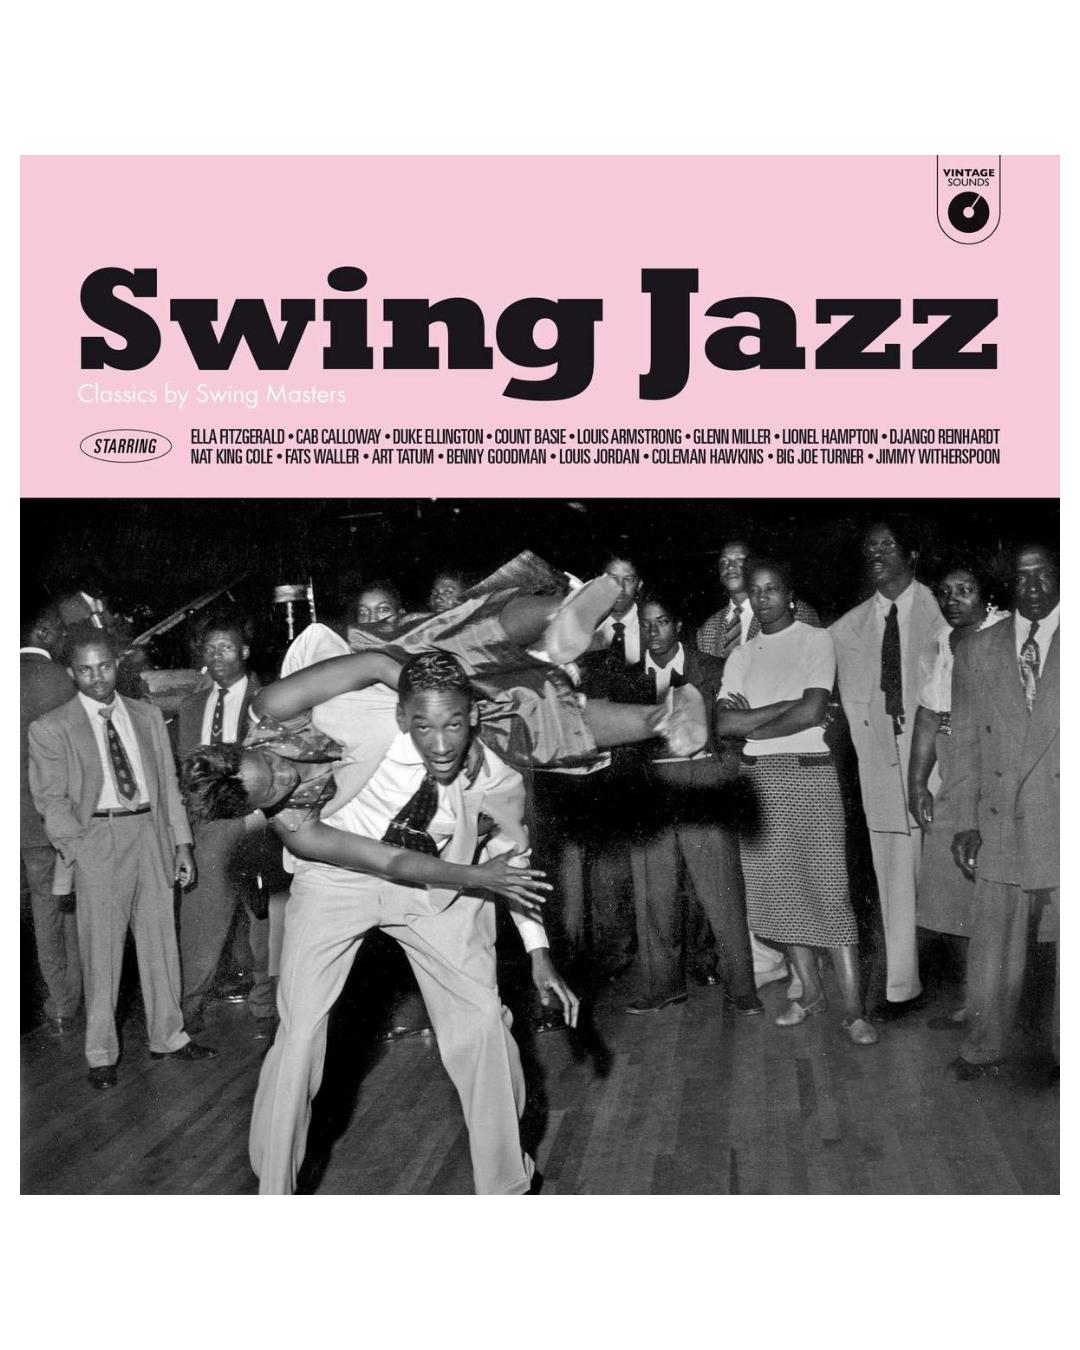 swing jazz vinyl